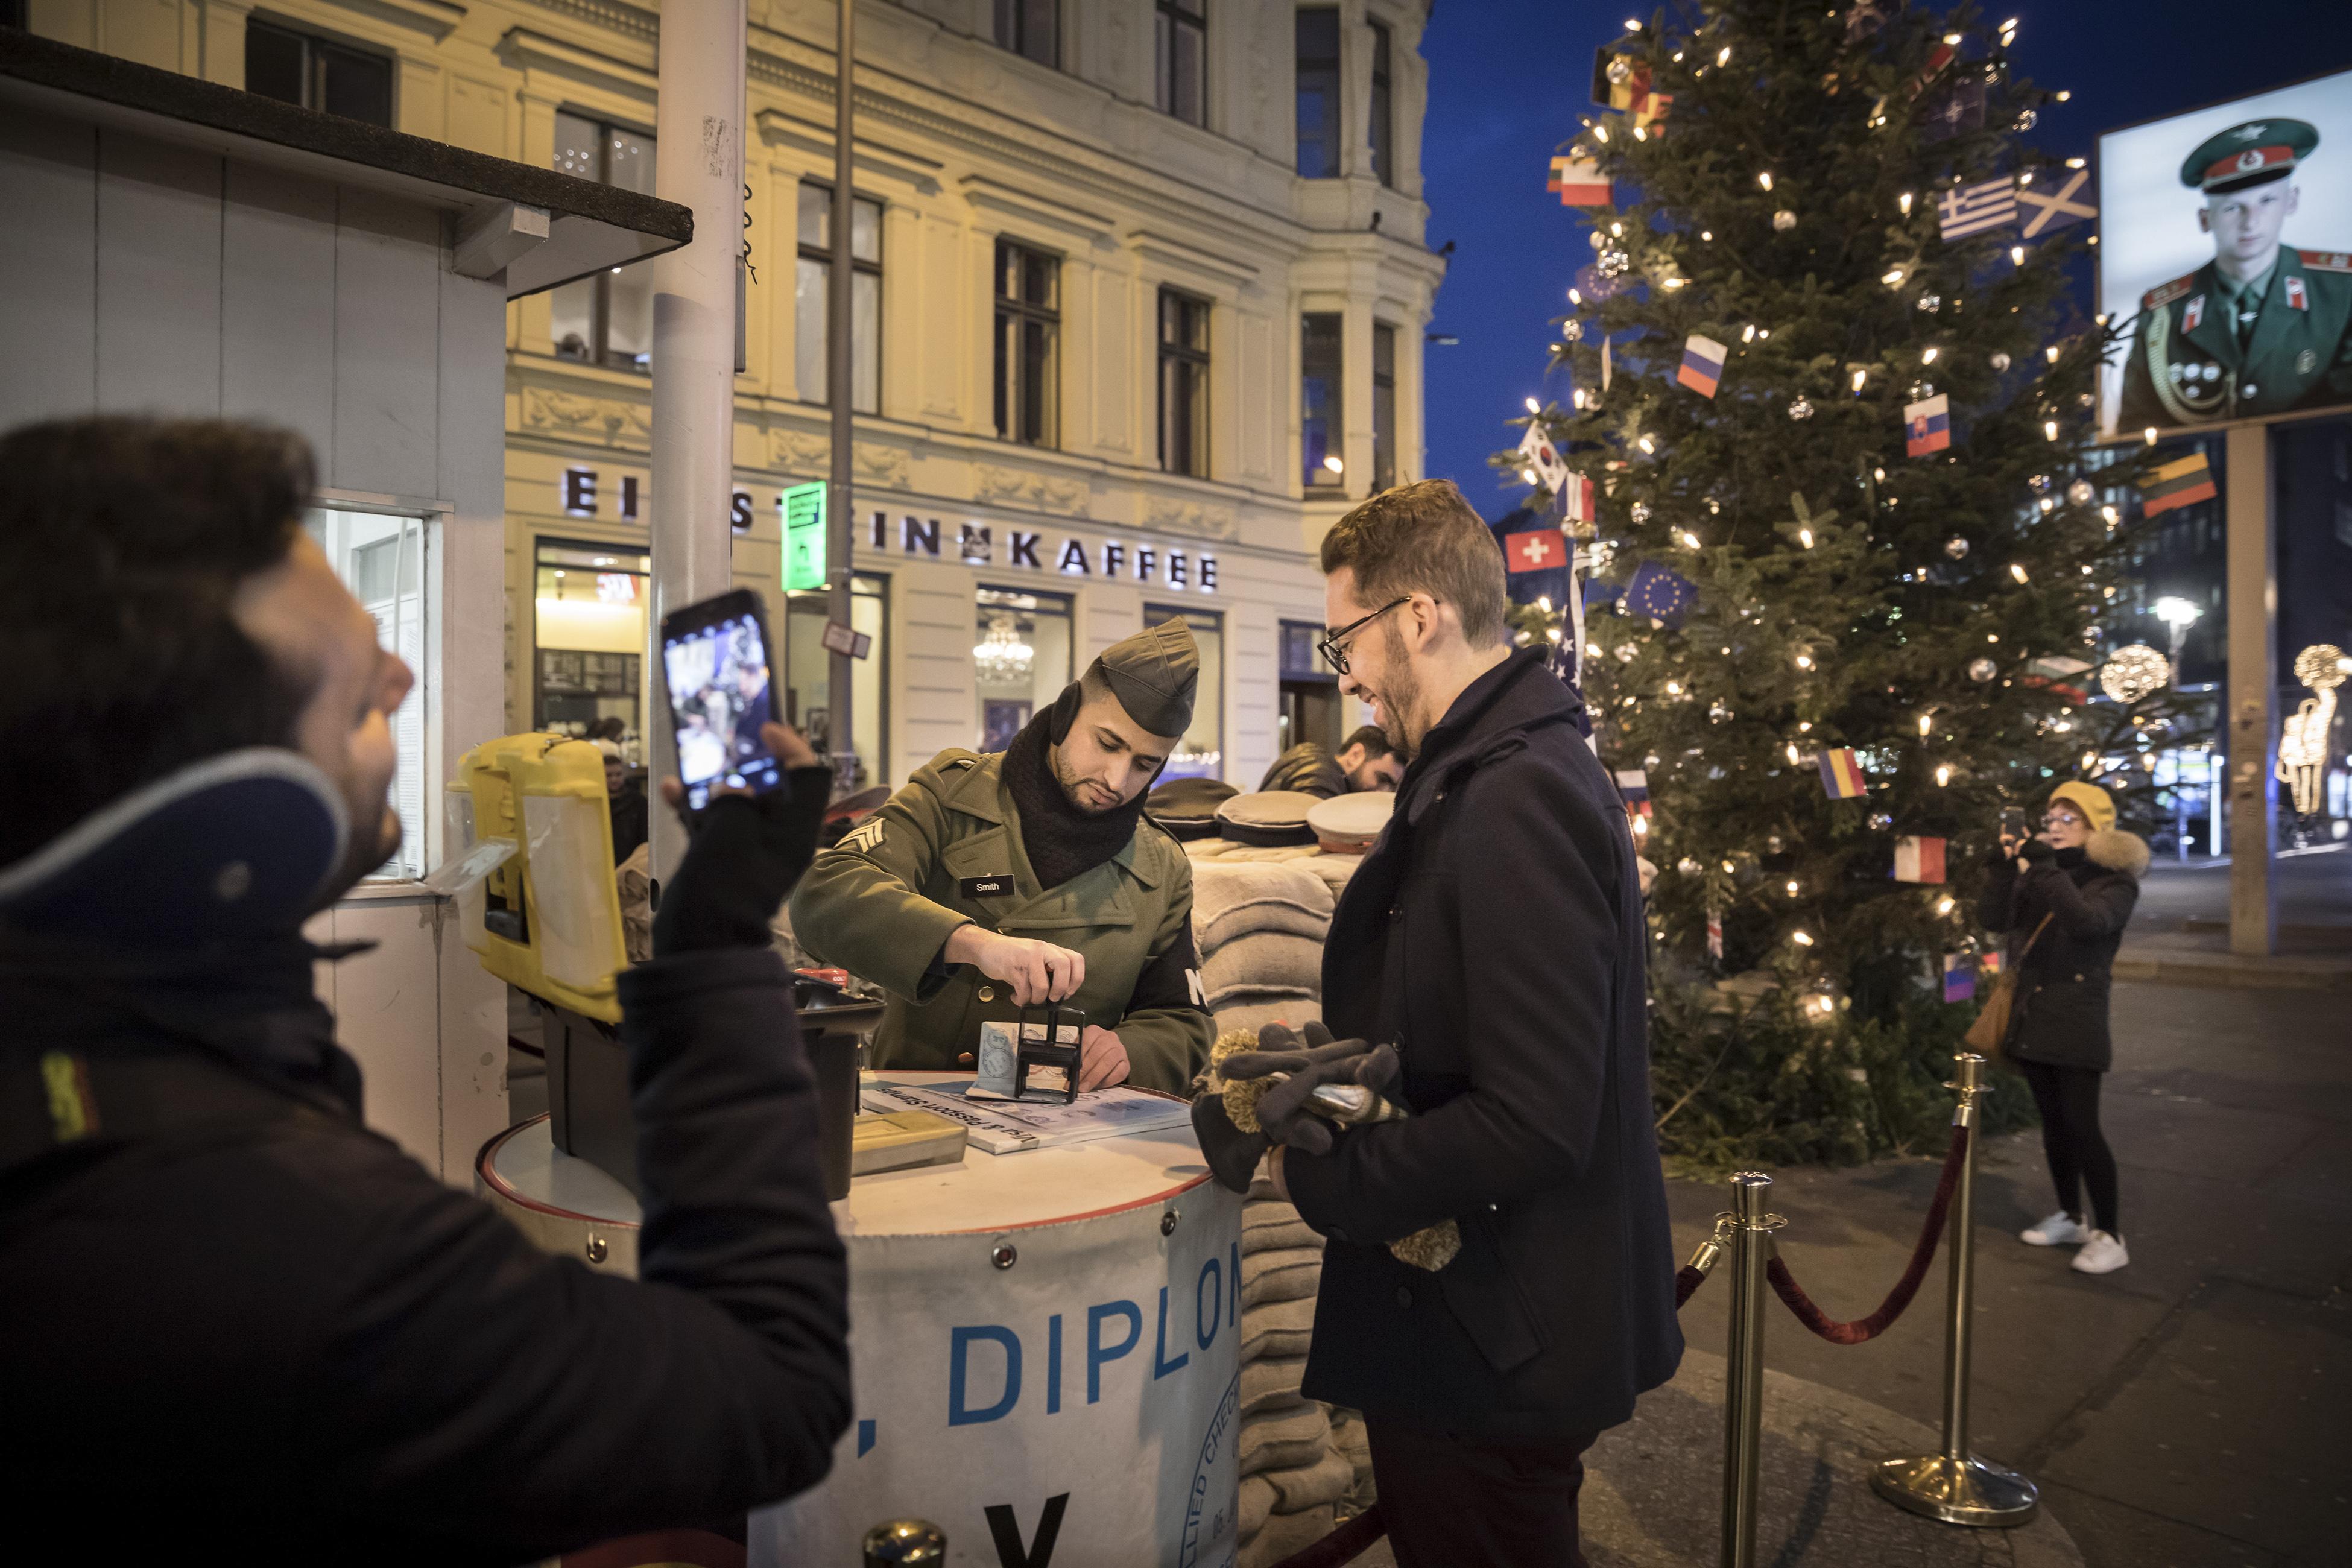 Personas disfrazadas de soldados posan para fotografías con los turistas por una cuota en el puesto de control, el cual ahora es administrado por el Museum Haus am Checkpoint Charlie. (Gordon Welters/The New York Times)